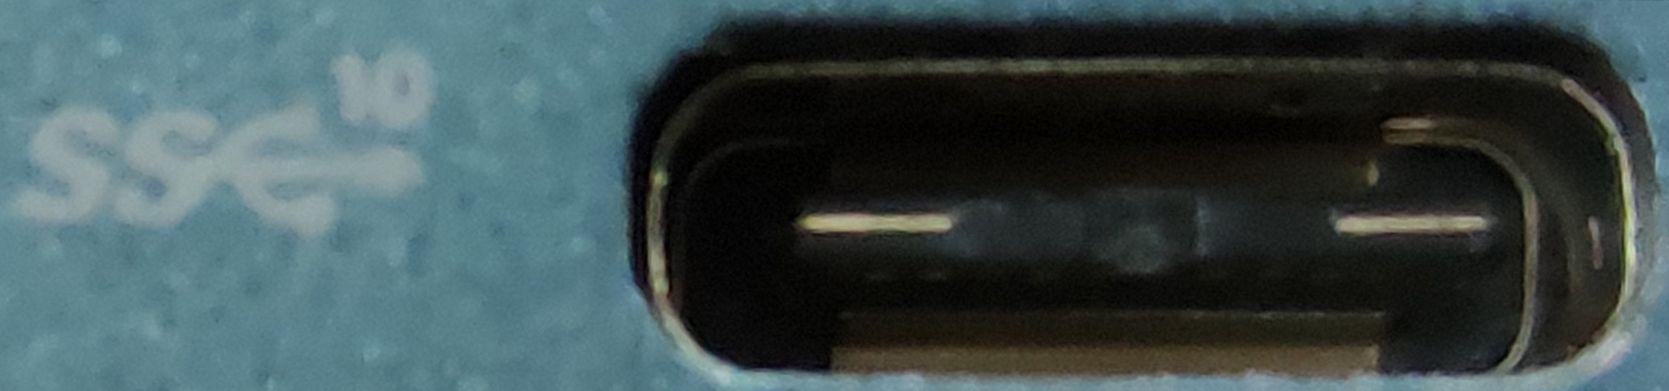 USB3.1 Gen2 Type-C